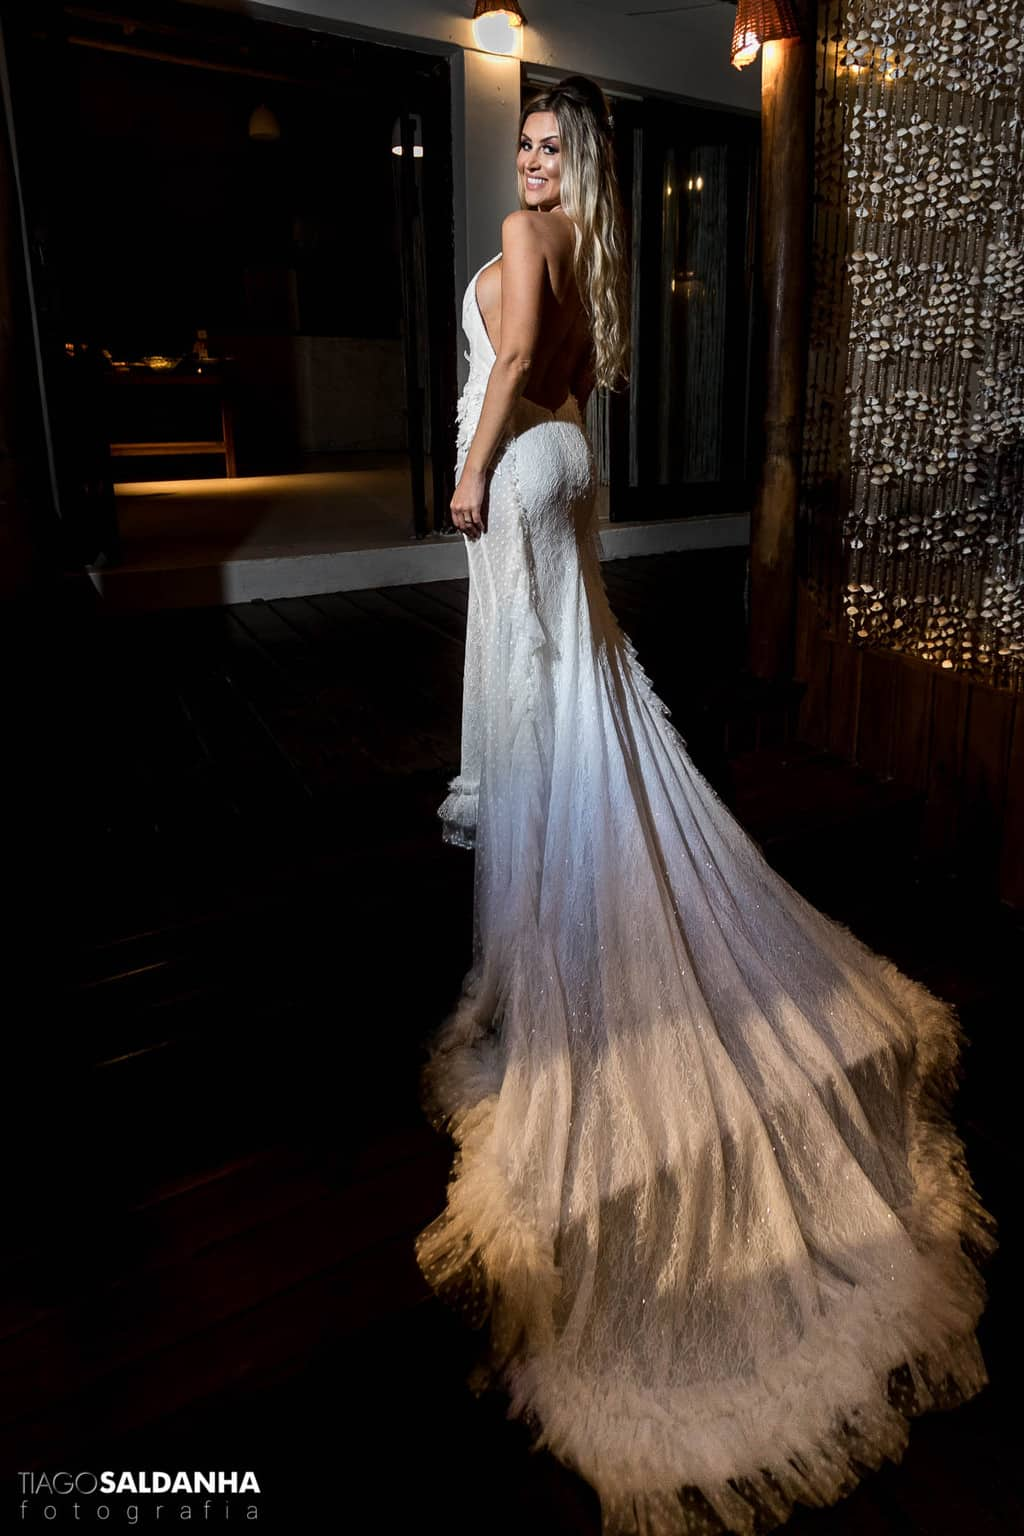 Aliança-no-Espelho-beleza-da-noiva-Casamento-Chandrélin-e-Laureano-cerimonia-na-praia-Chan-e-Lau-Rio-da-Barra29